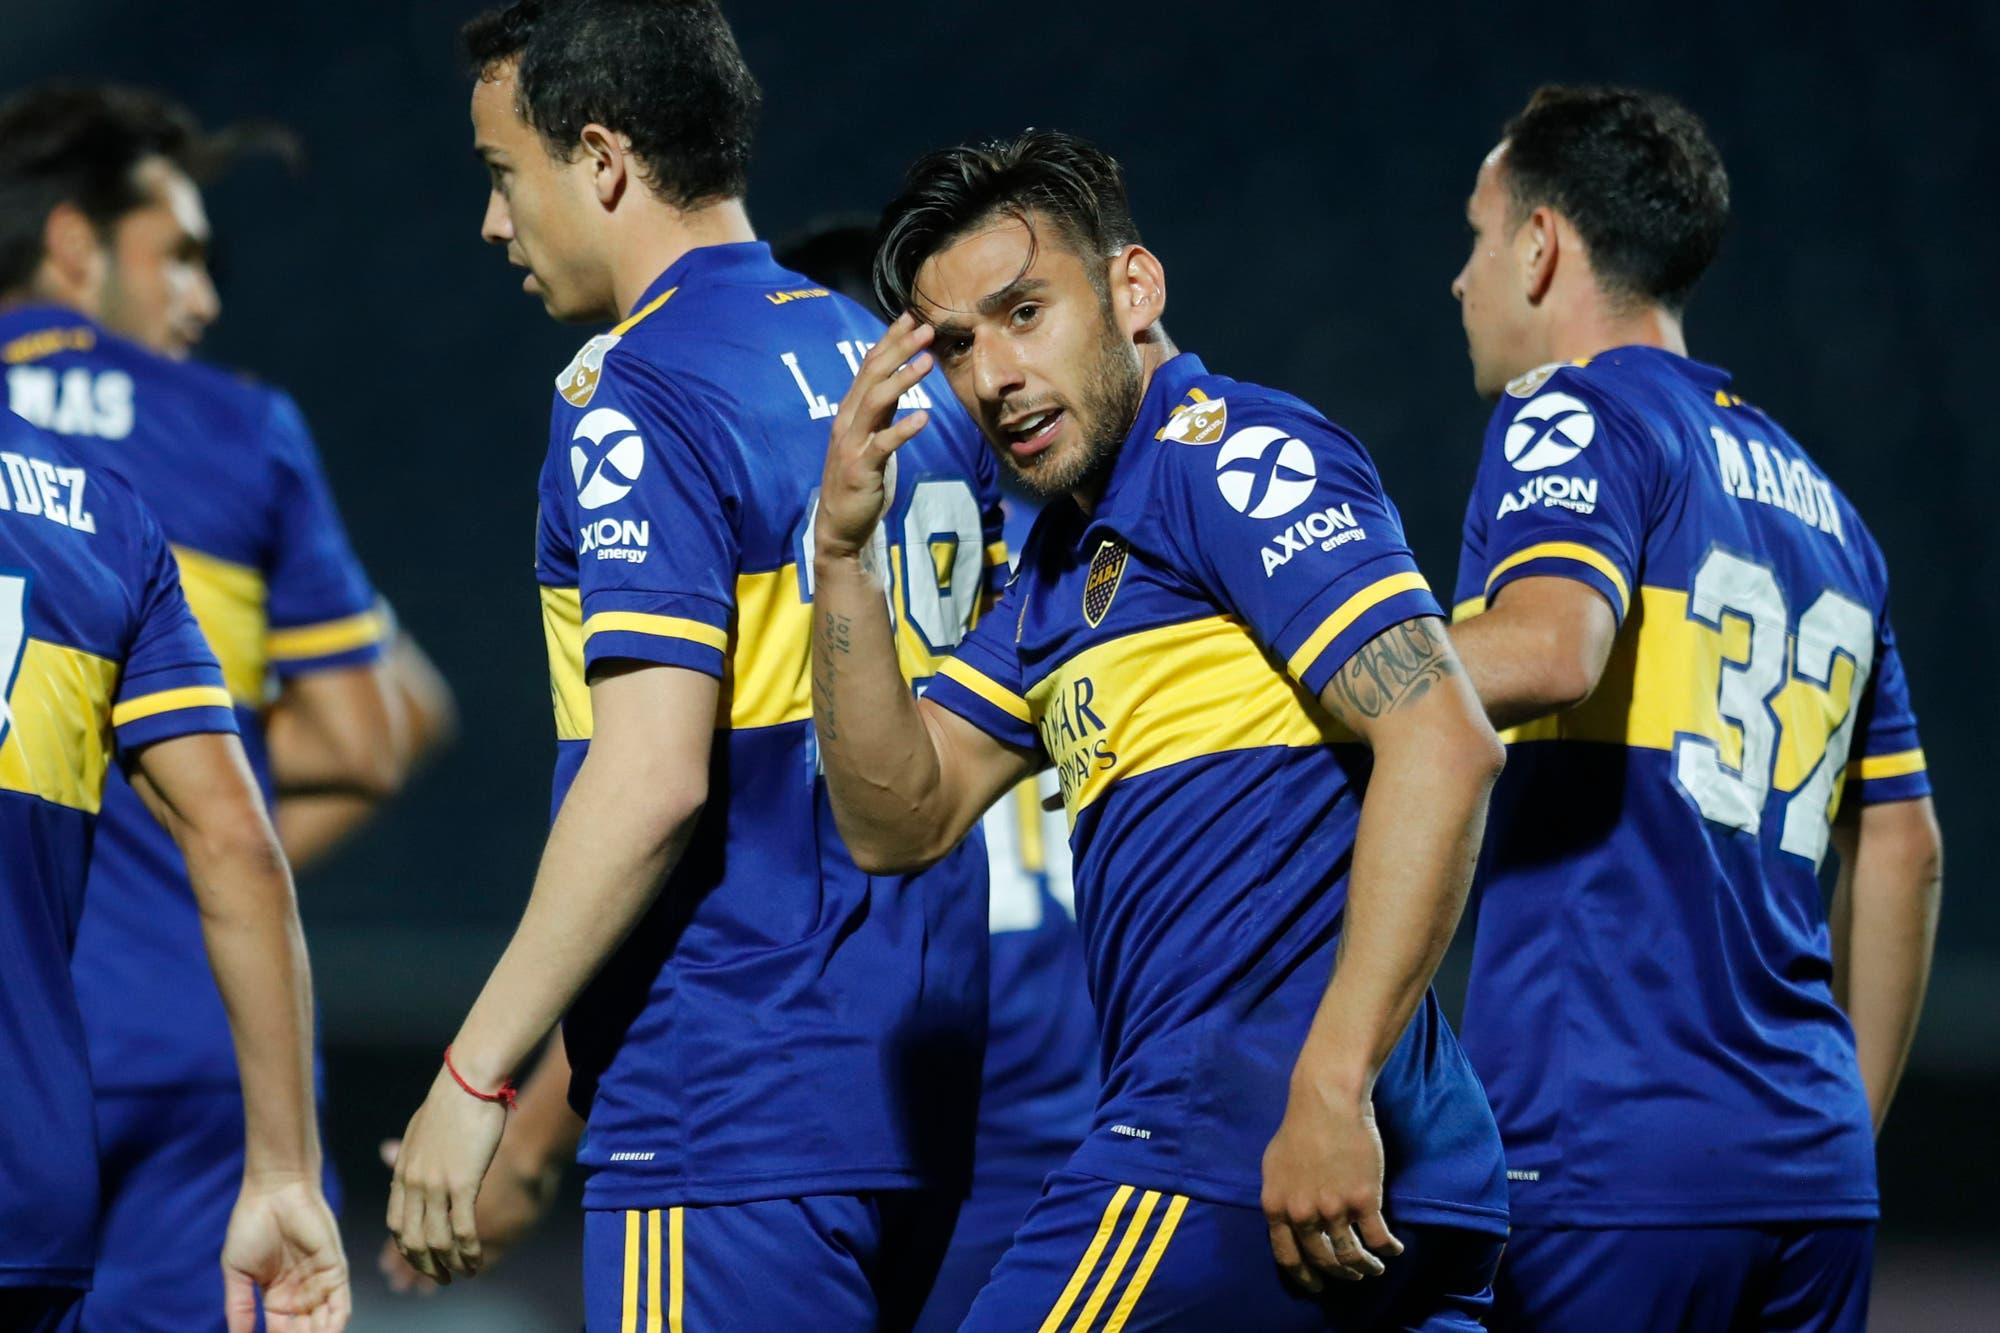 La agenda de la TV del jueves: Boca visita a DIM por la Copa Libertadores, Bayern Munich-Sevilla por la Supercopa de Europa, tenis y NBA